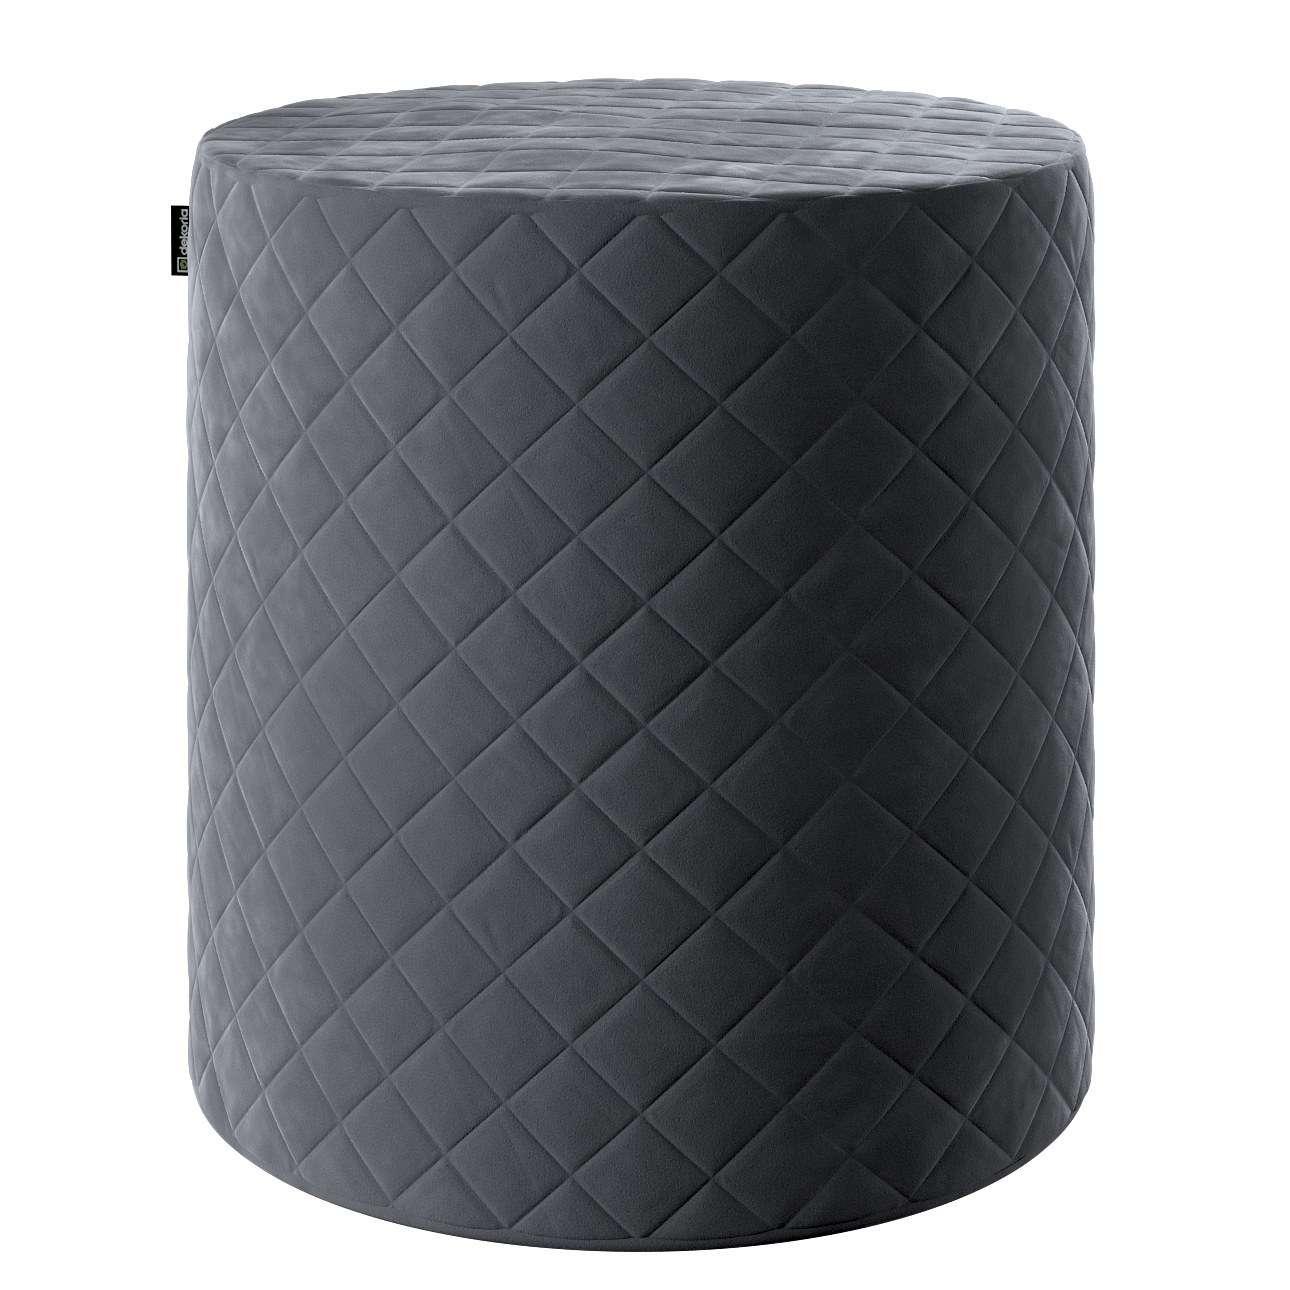 Pouf Barrel gesteppt von der Kollektion Velvet, Stoff: 704-12